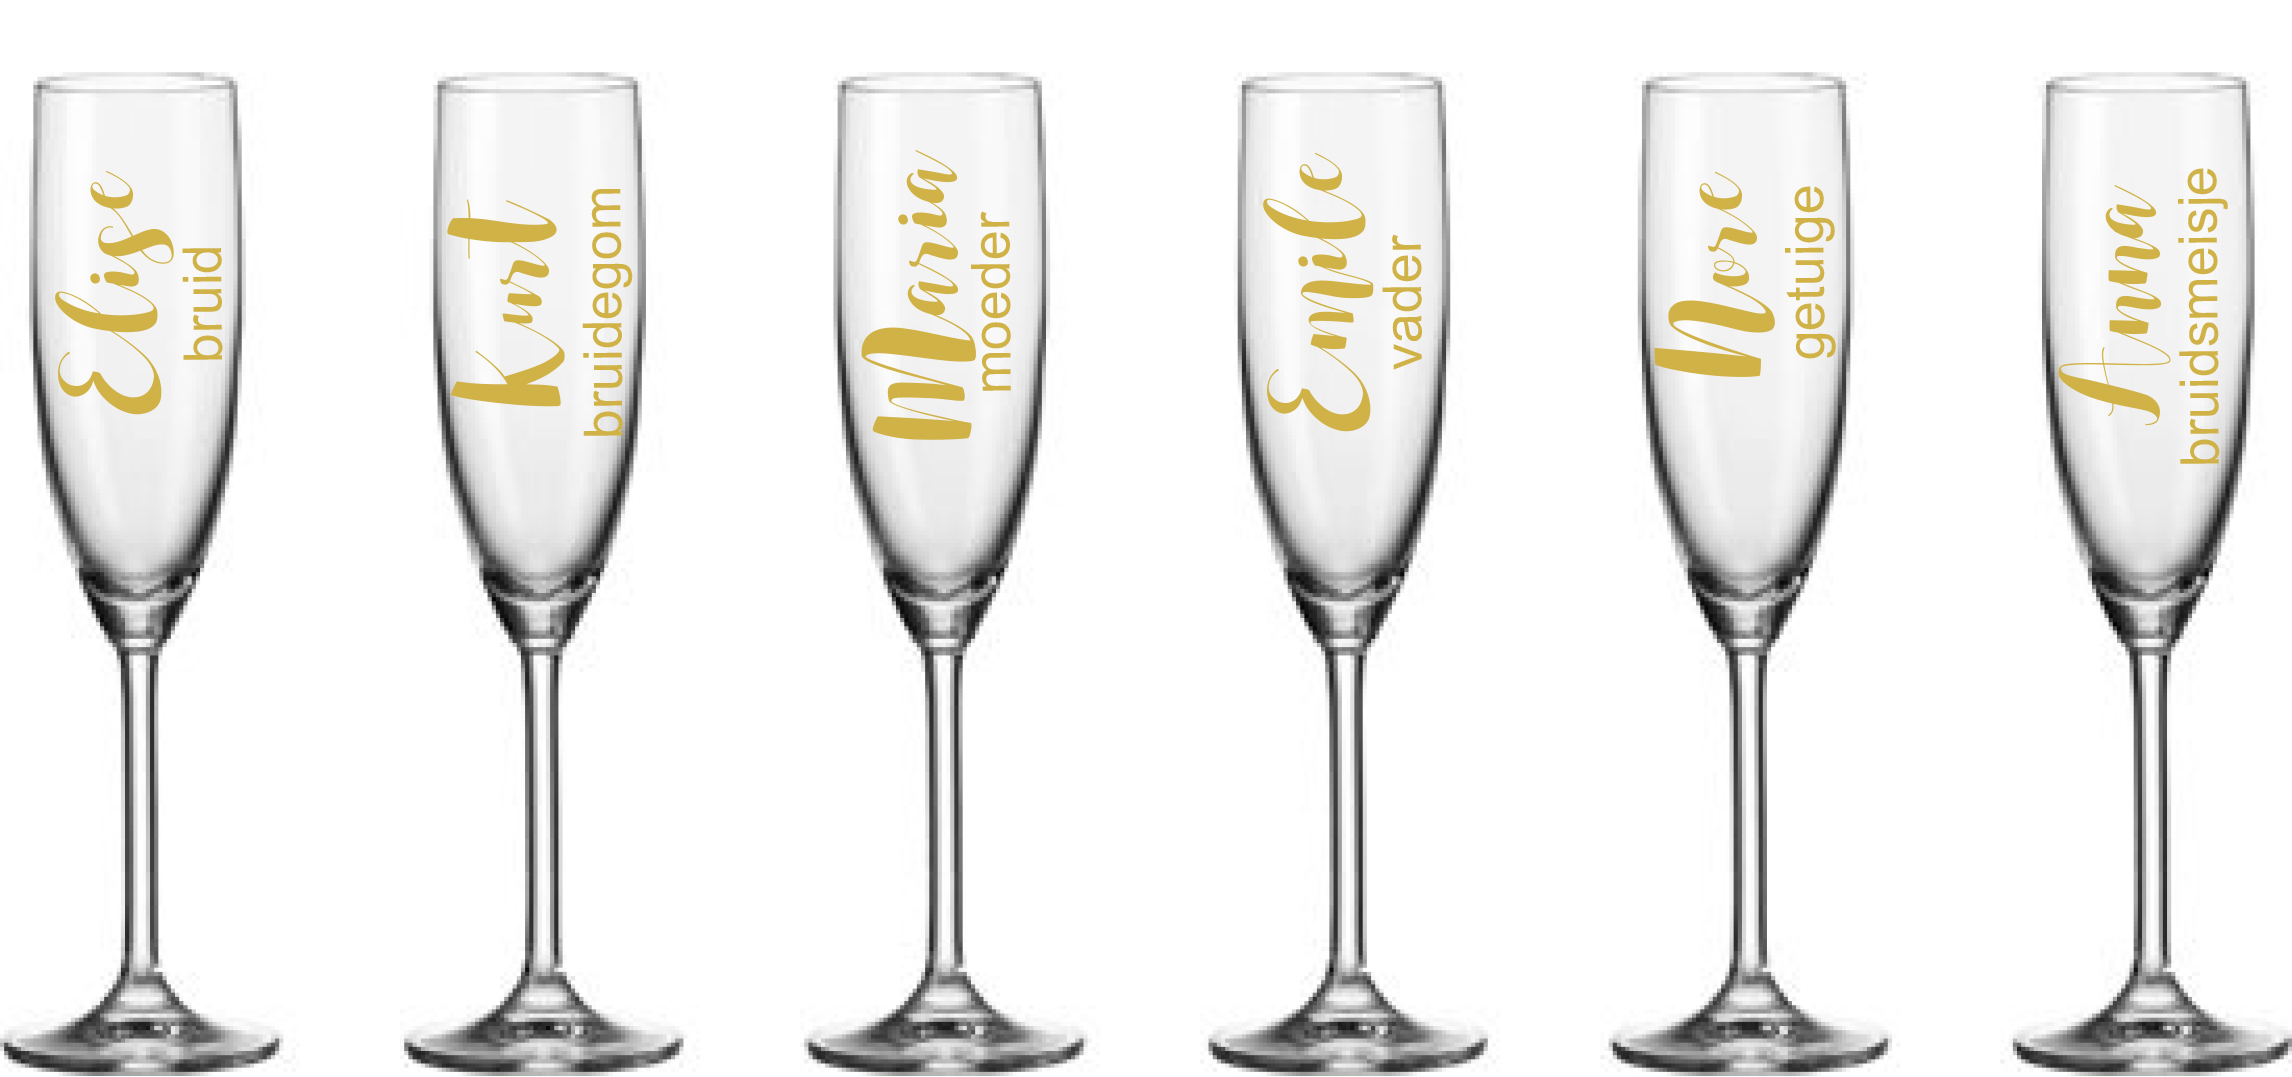 Verbazingwekkend Vinyl sticker voor gepersonaliseerd champagneglas - Hoolapola GH-41